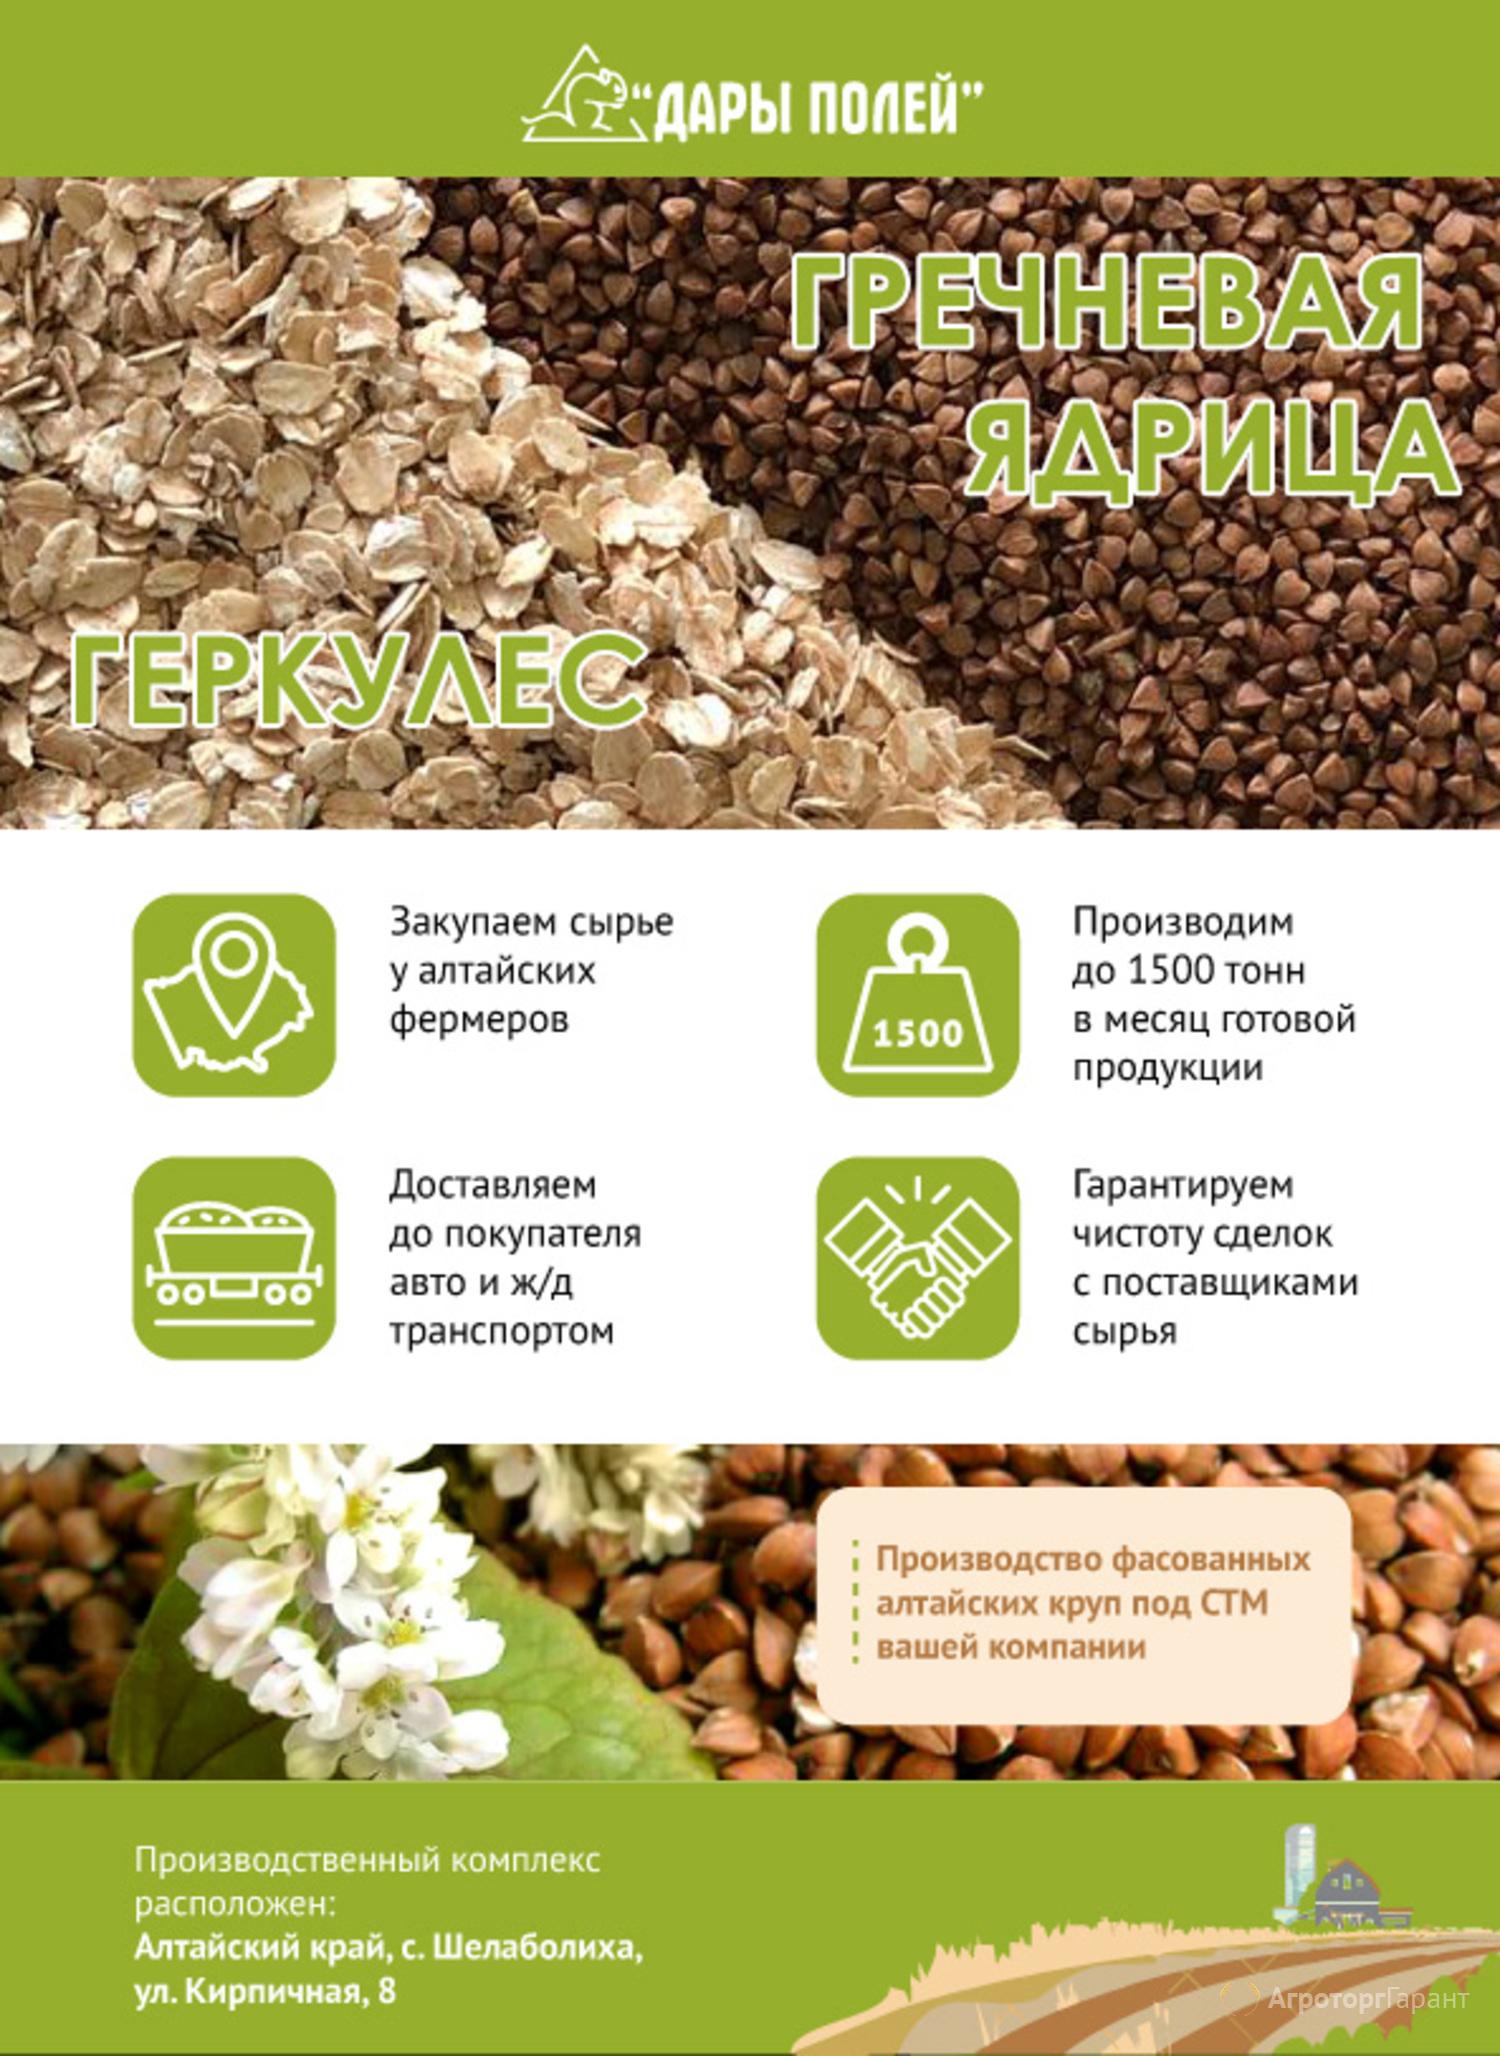 Объявление Крупа гречневая в/с в Алтайском крае